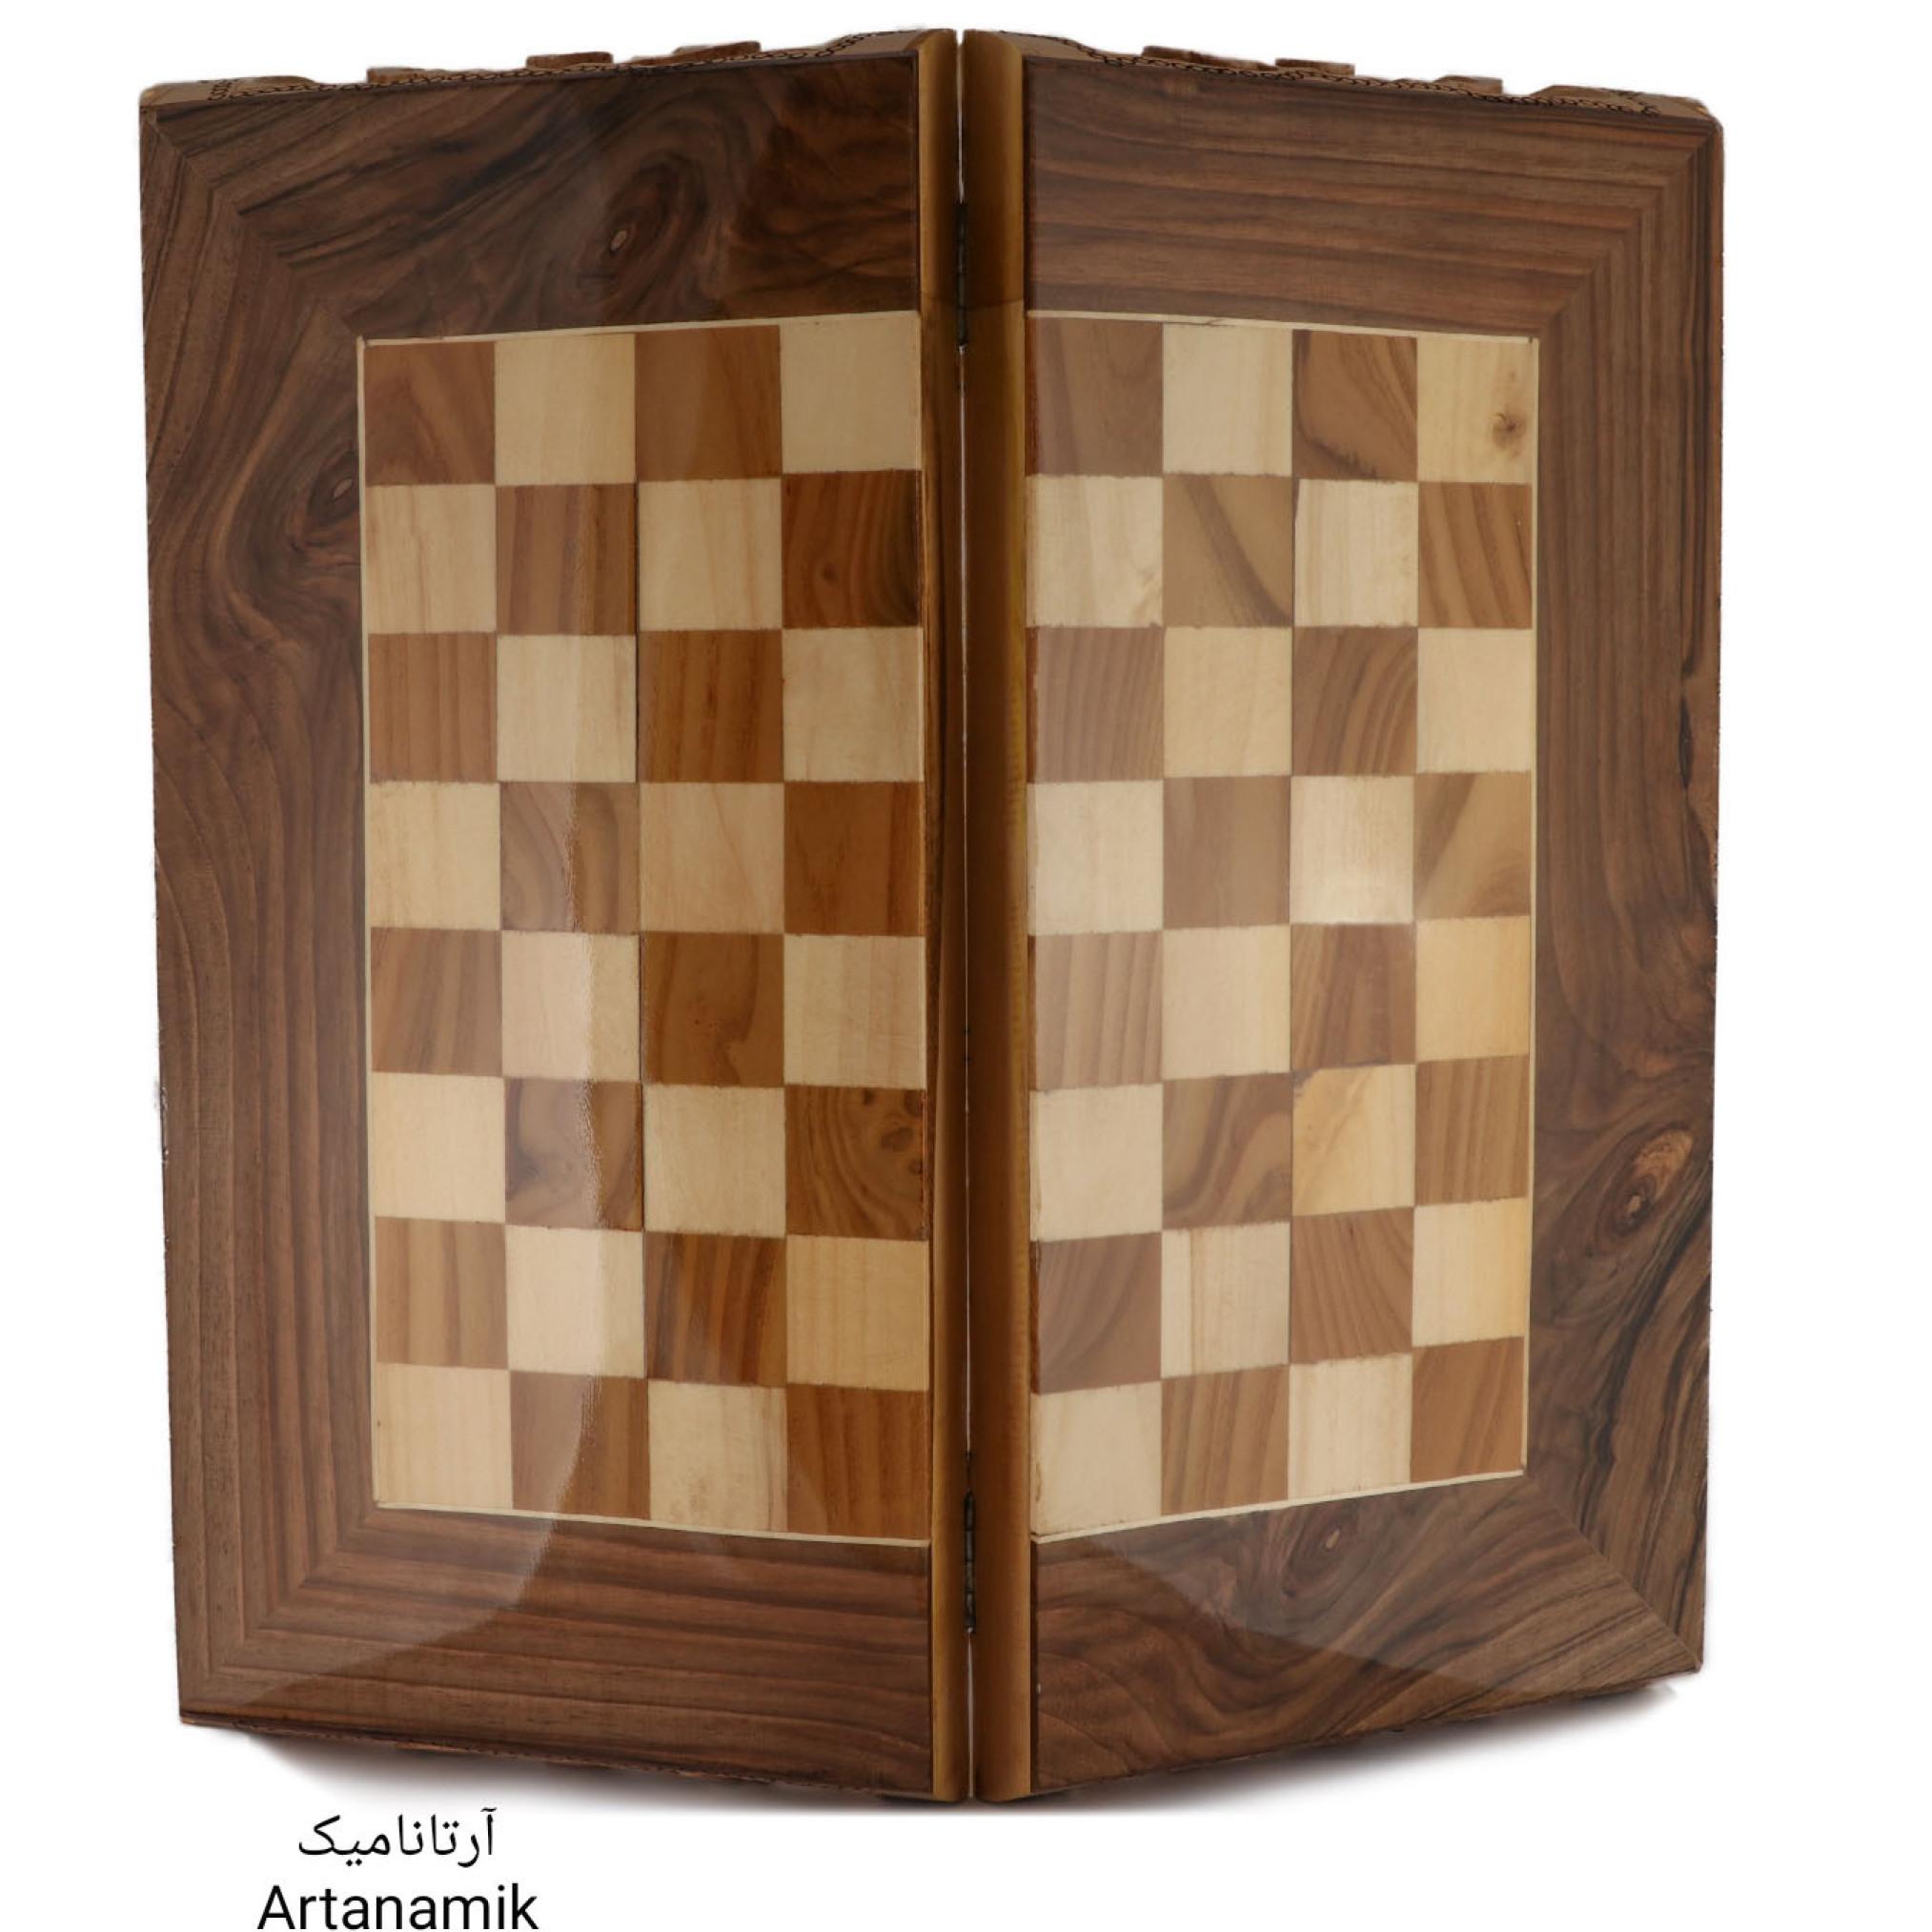 تخته نرد و شطرنج منبت کاری شده، تخته نرد کادویی و تخته نرد نفیس، ساخته شده از چوب گردو